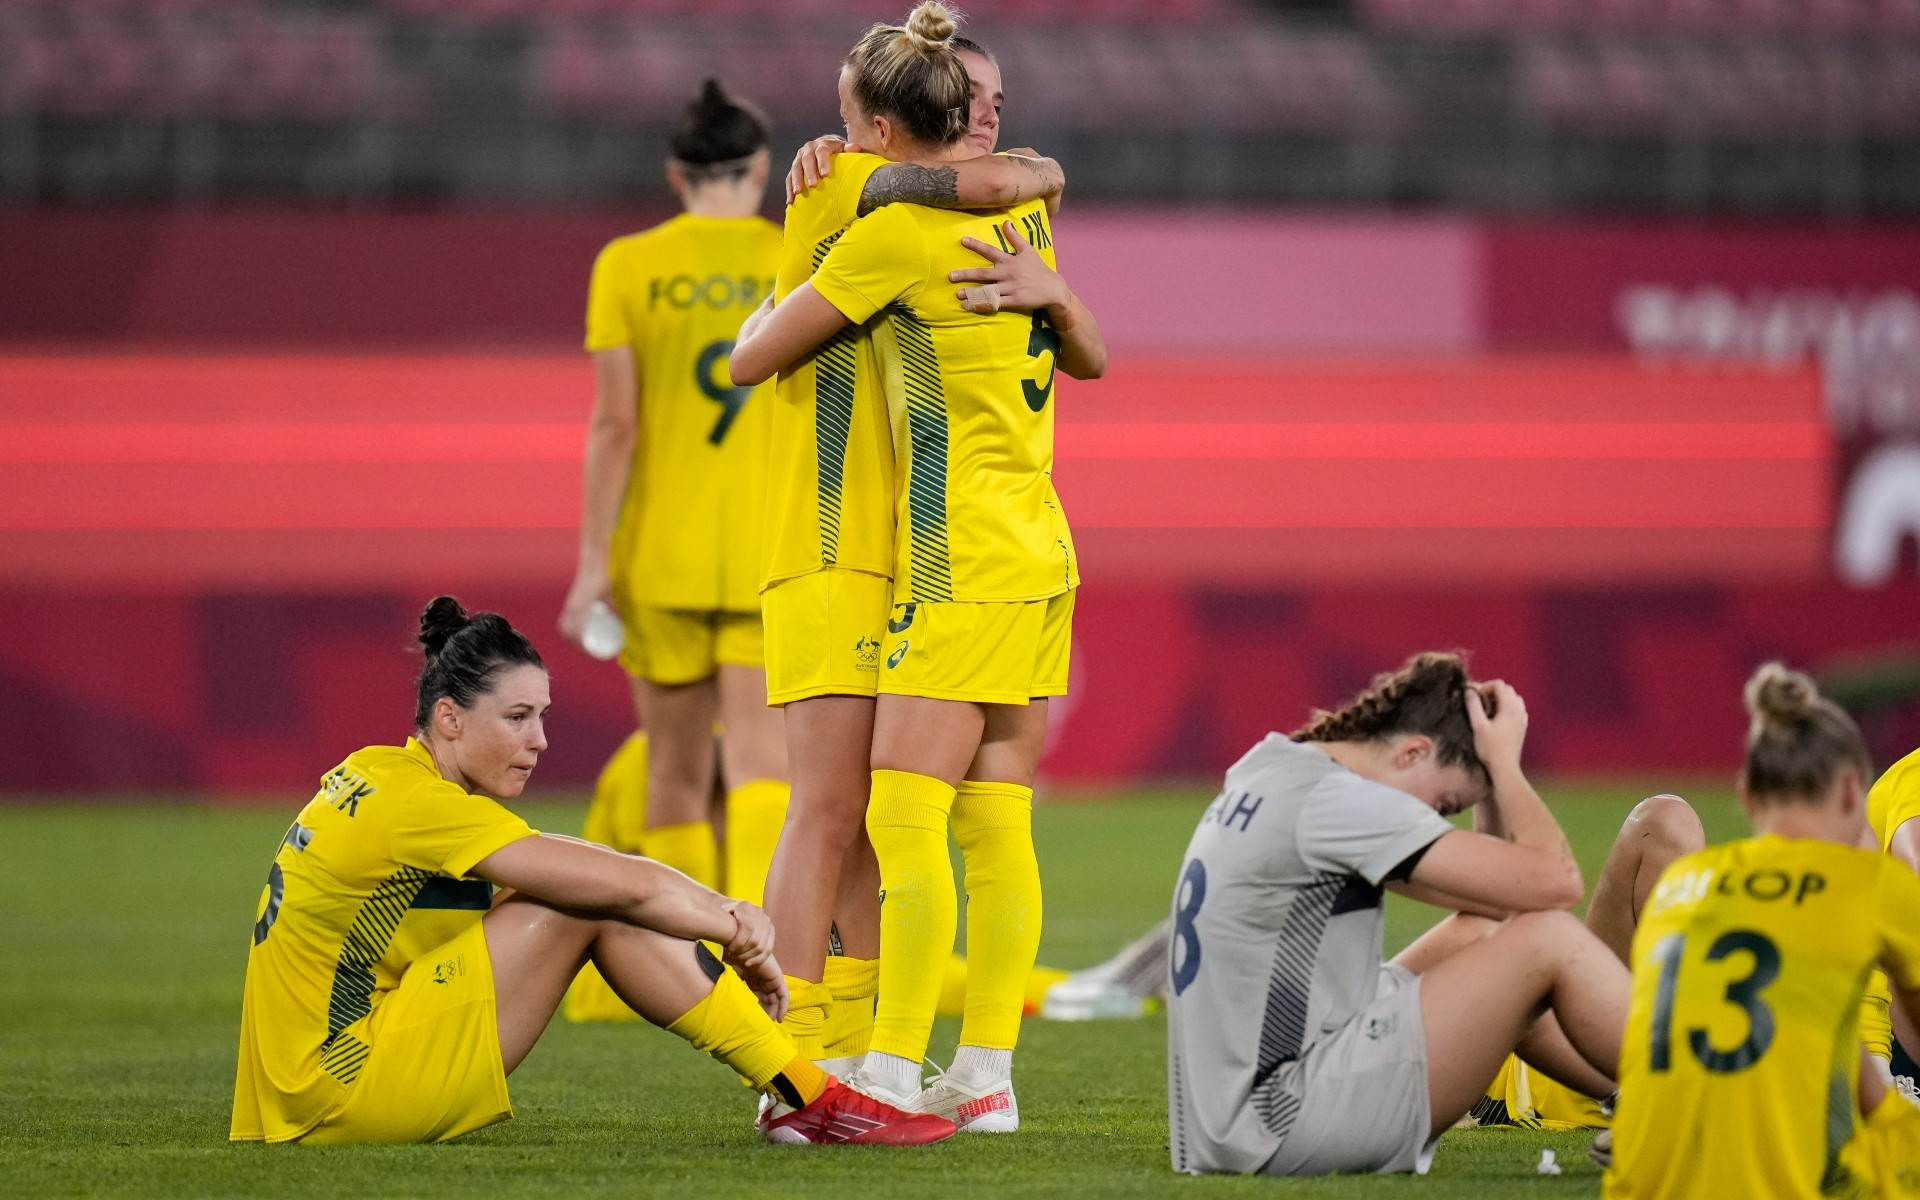 Austrália fez boa campanha em Tóquio, mas acabou sem medalha no futebol feminino